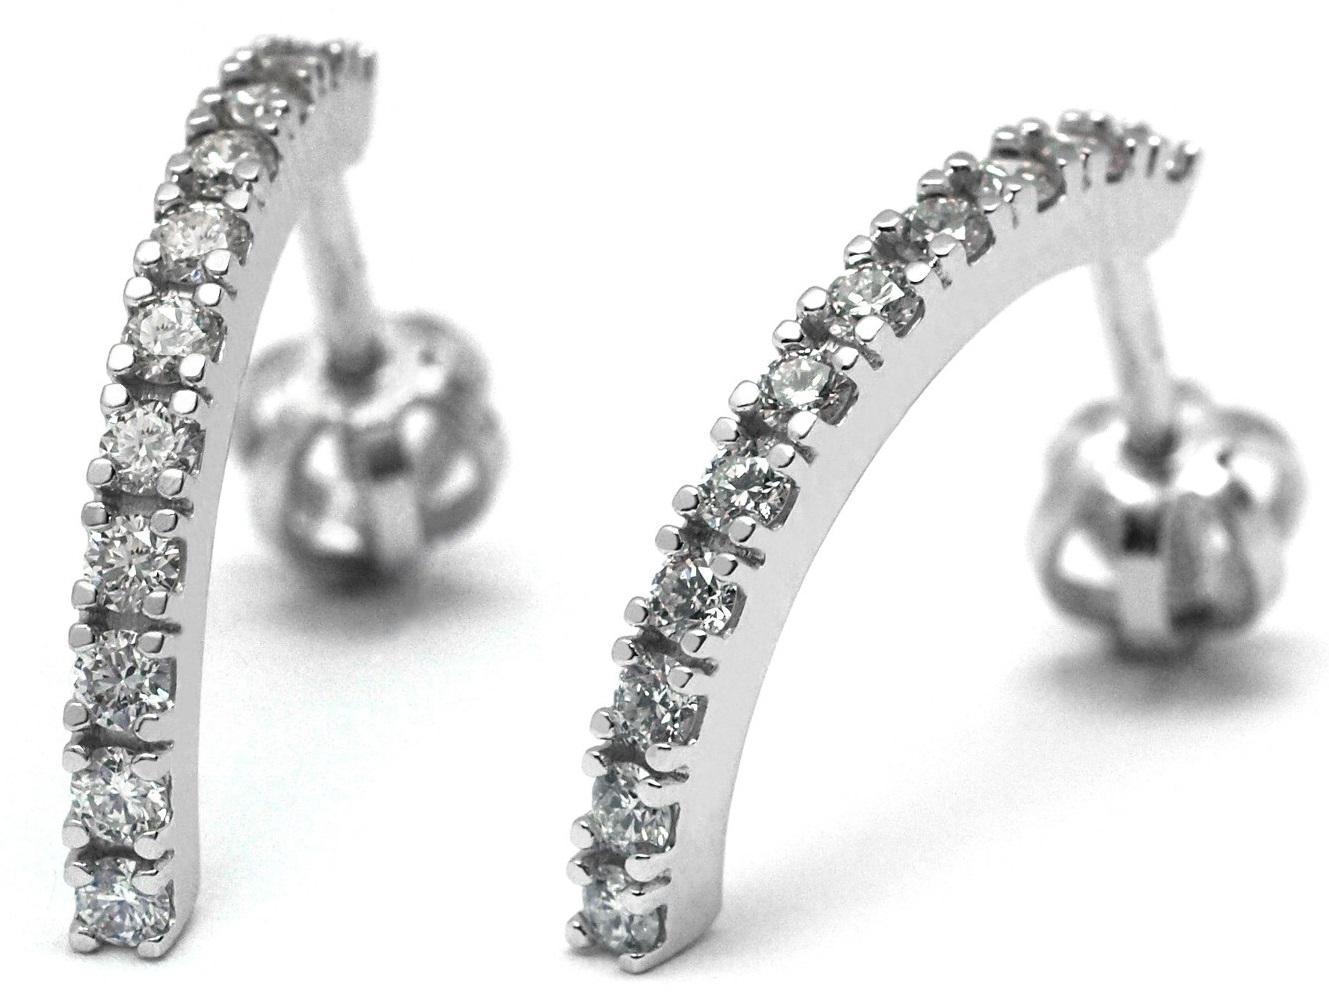 Luxusní zlaté náušnice s diamanty z bílého zlata na šroubek J-28179-17 (J-28179-17 - POŠTOVNÉ ZDARMA!!)